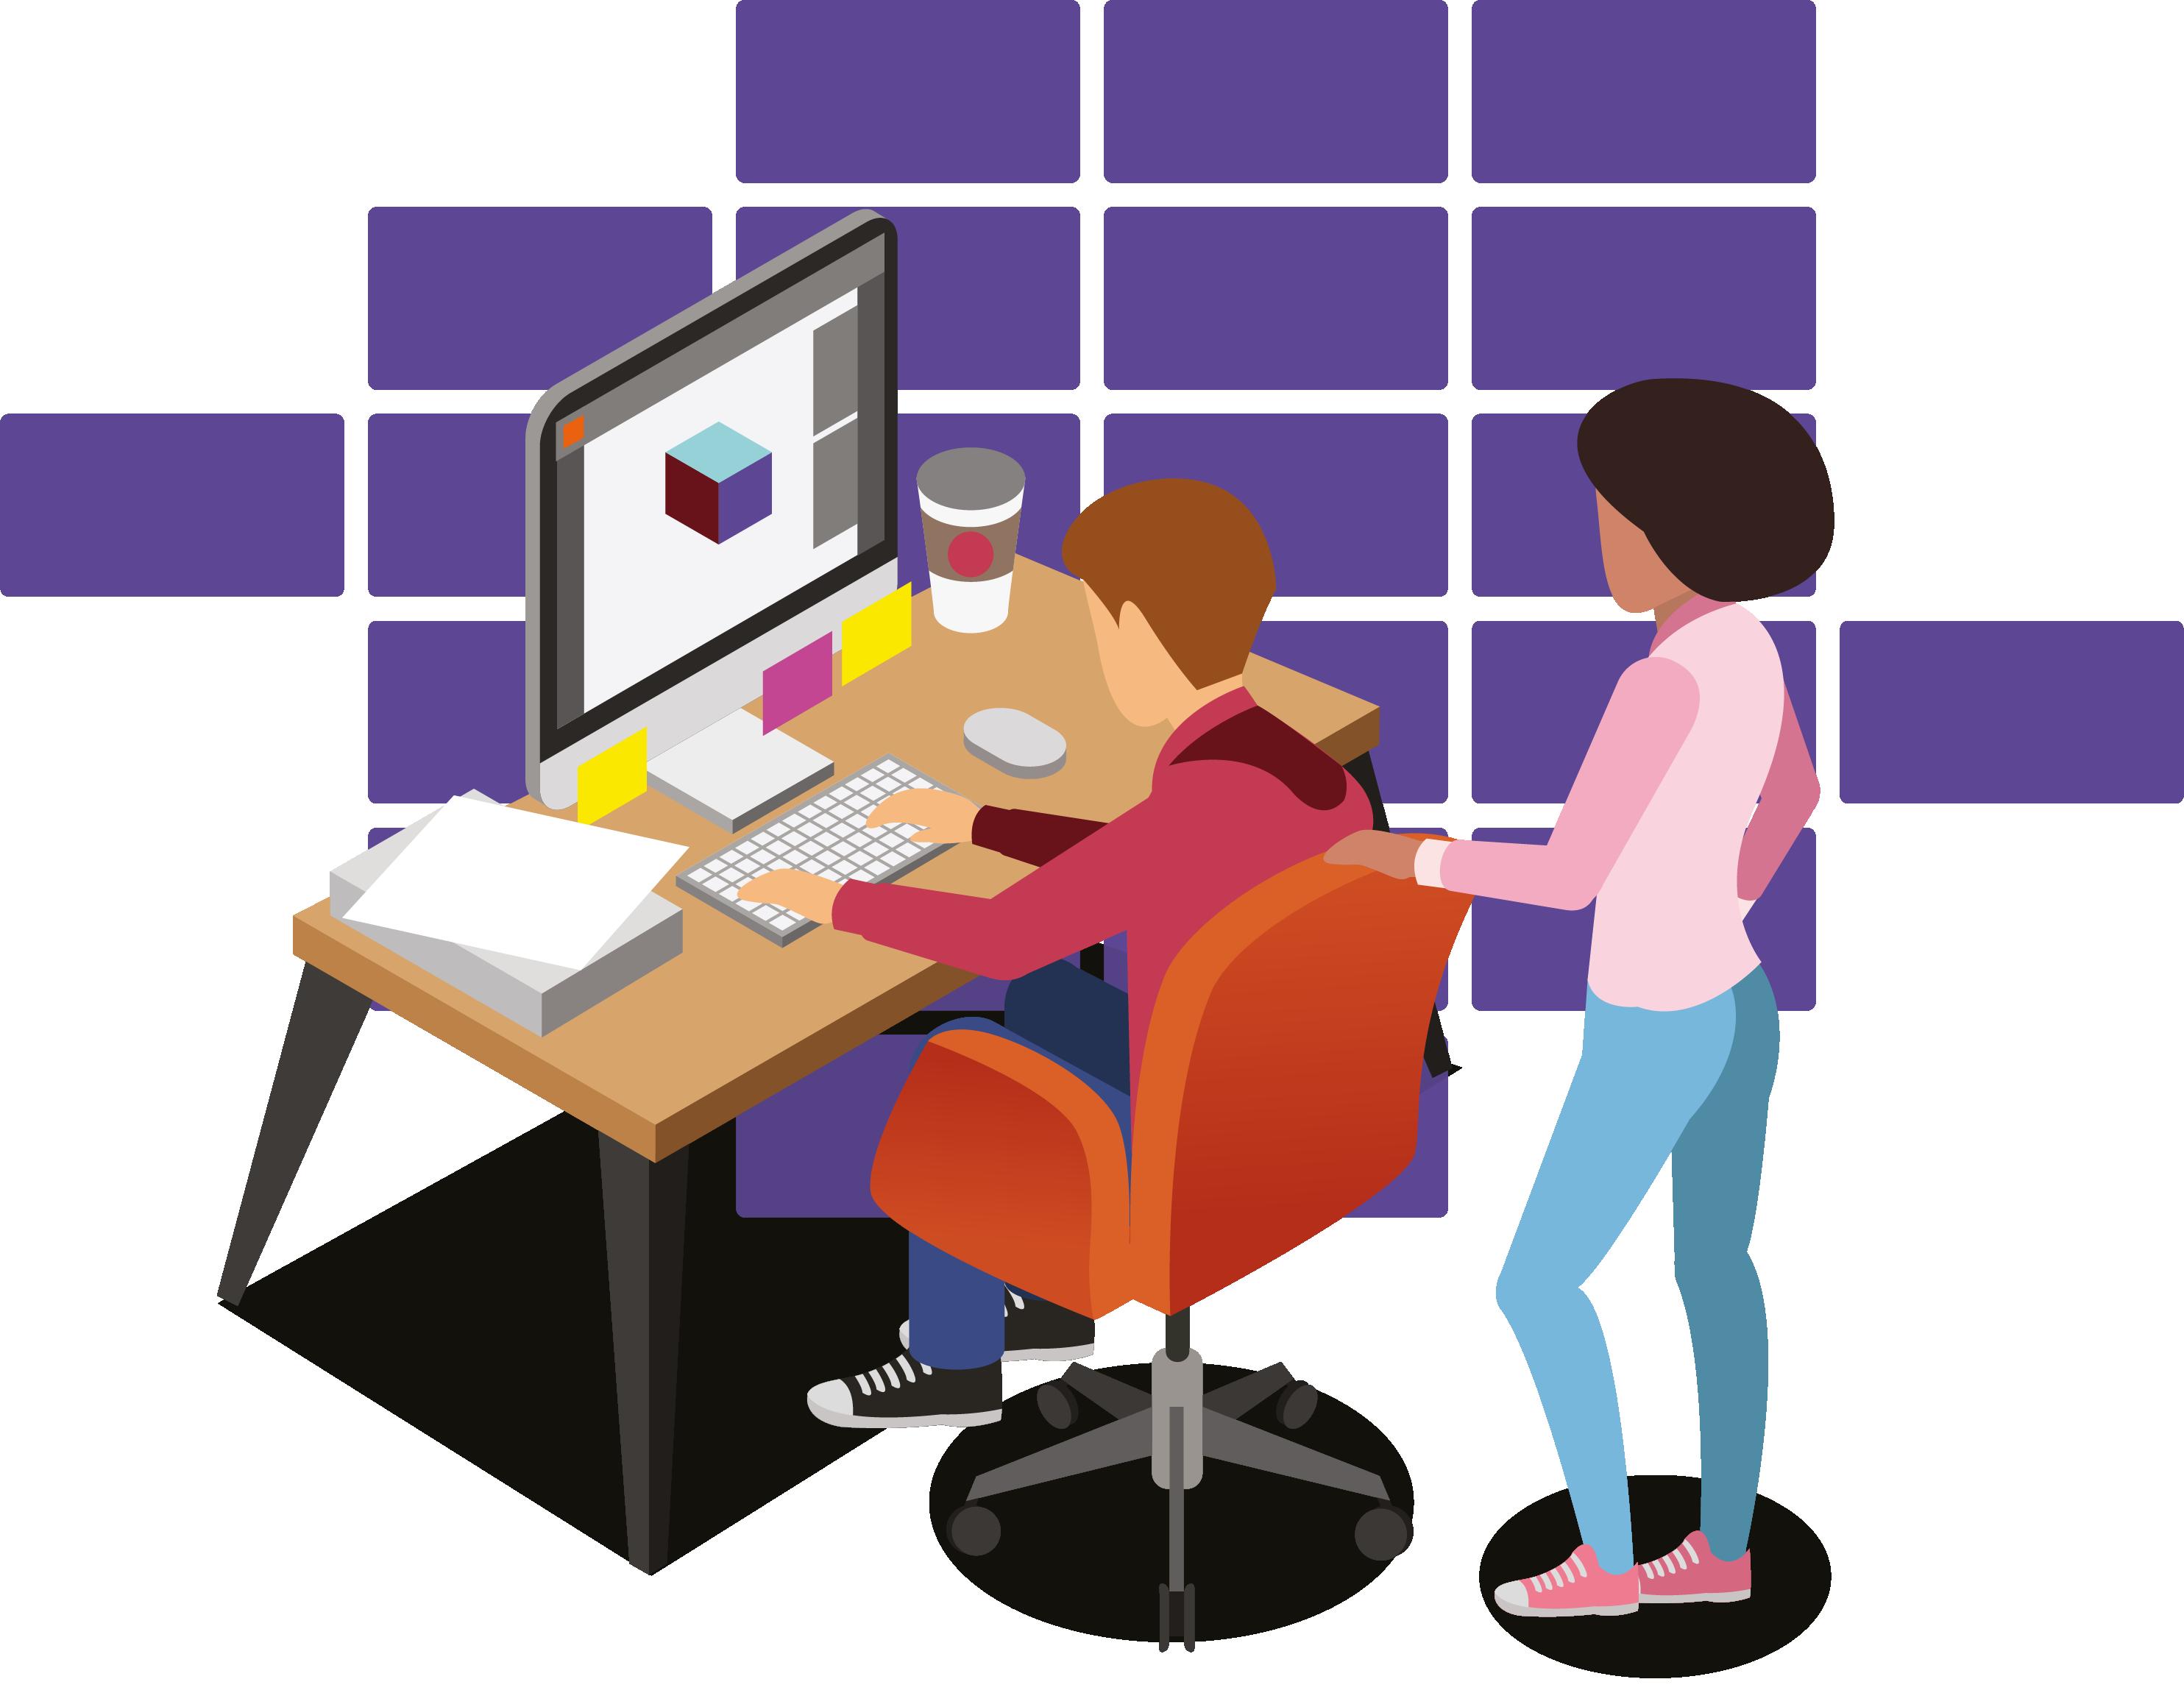 ilustração de estudantes, um sentado e outro em pé, buscando vagas de estágio no computador